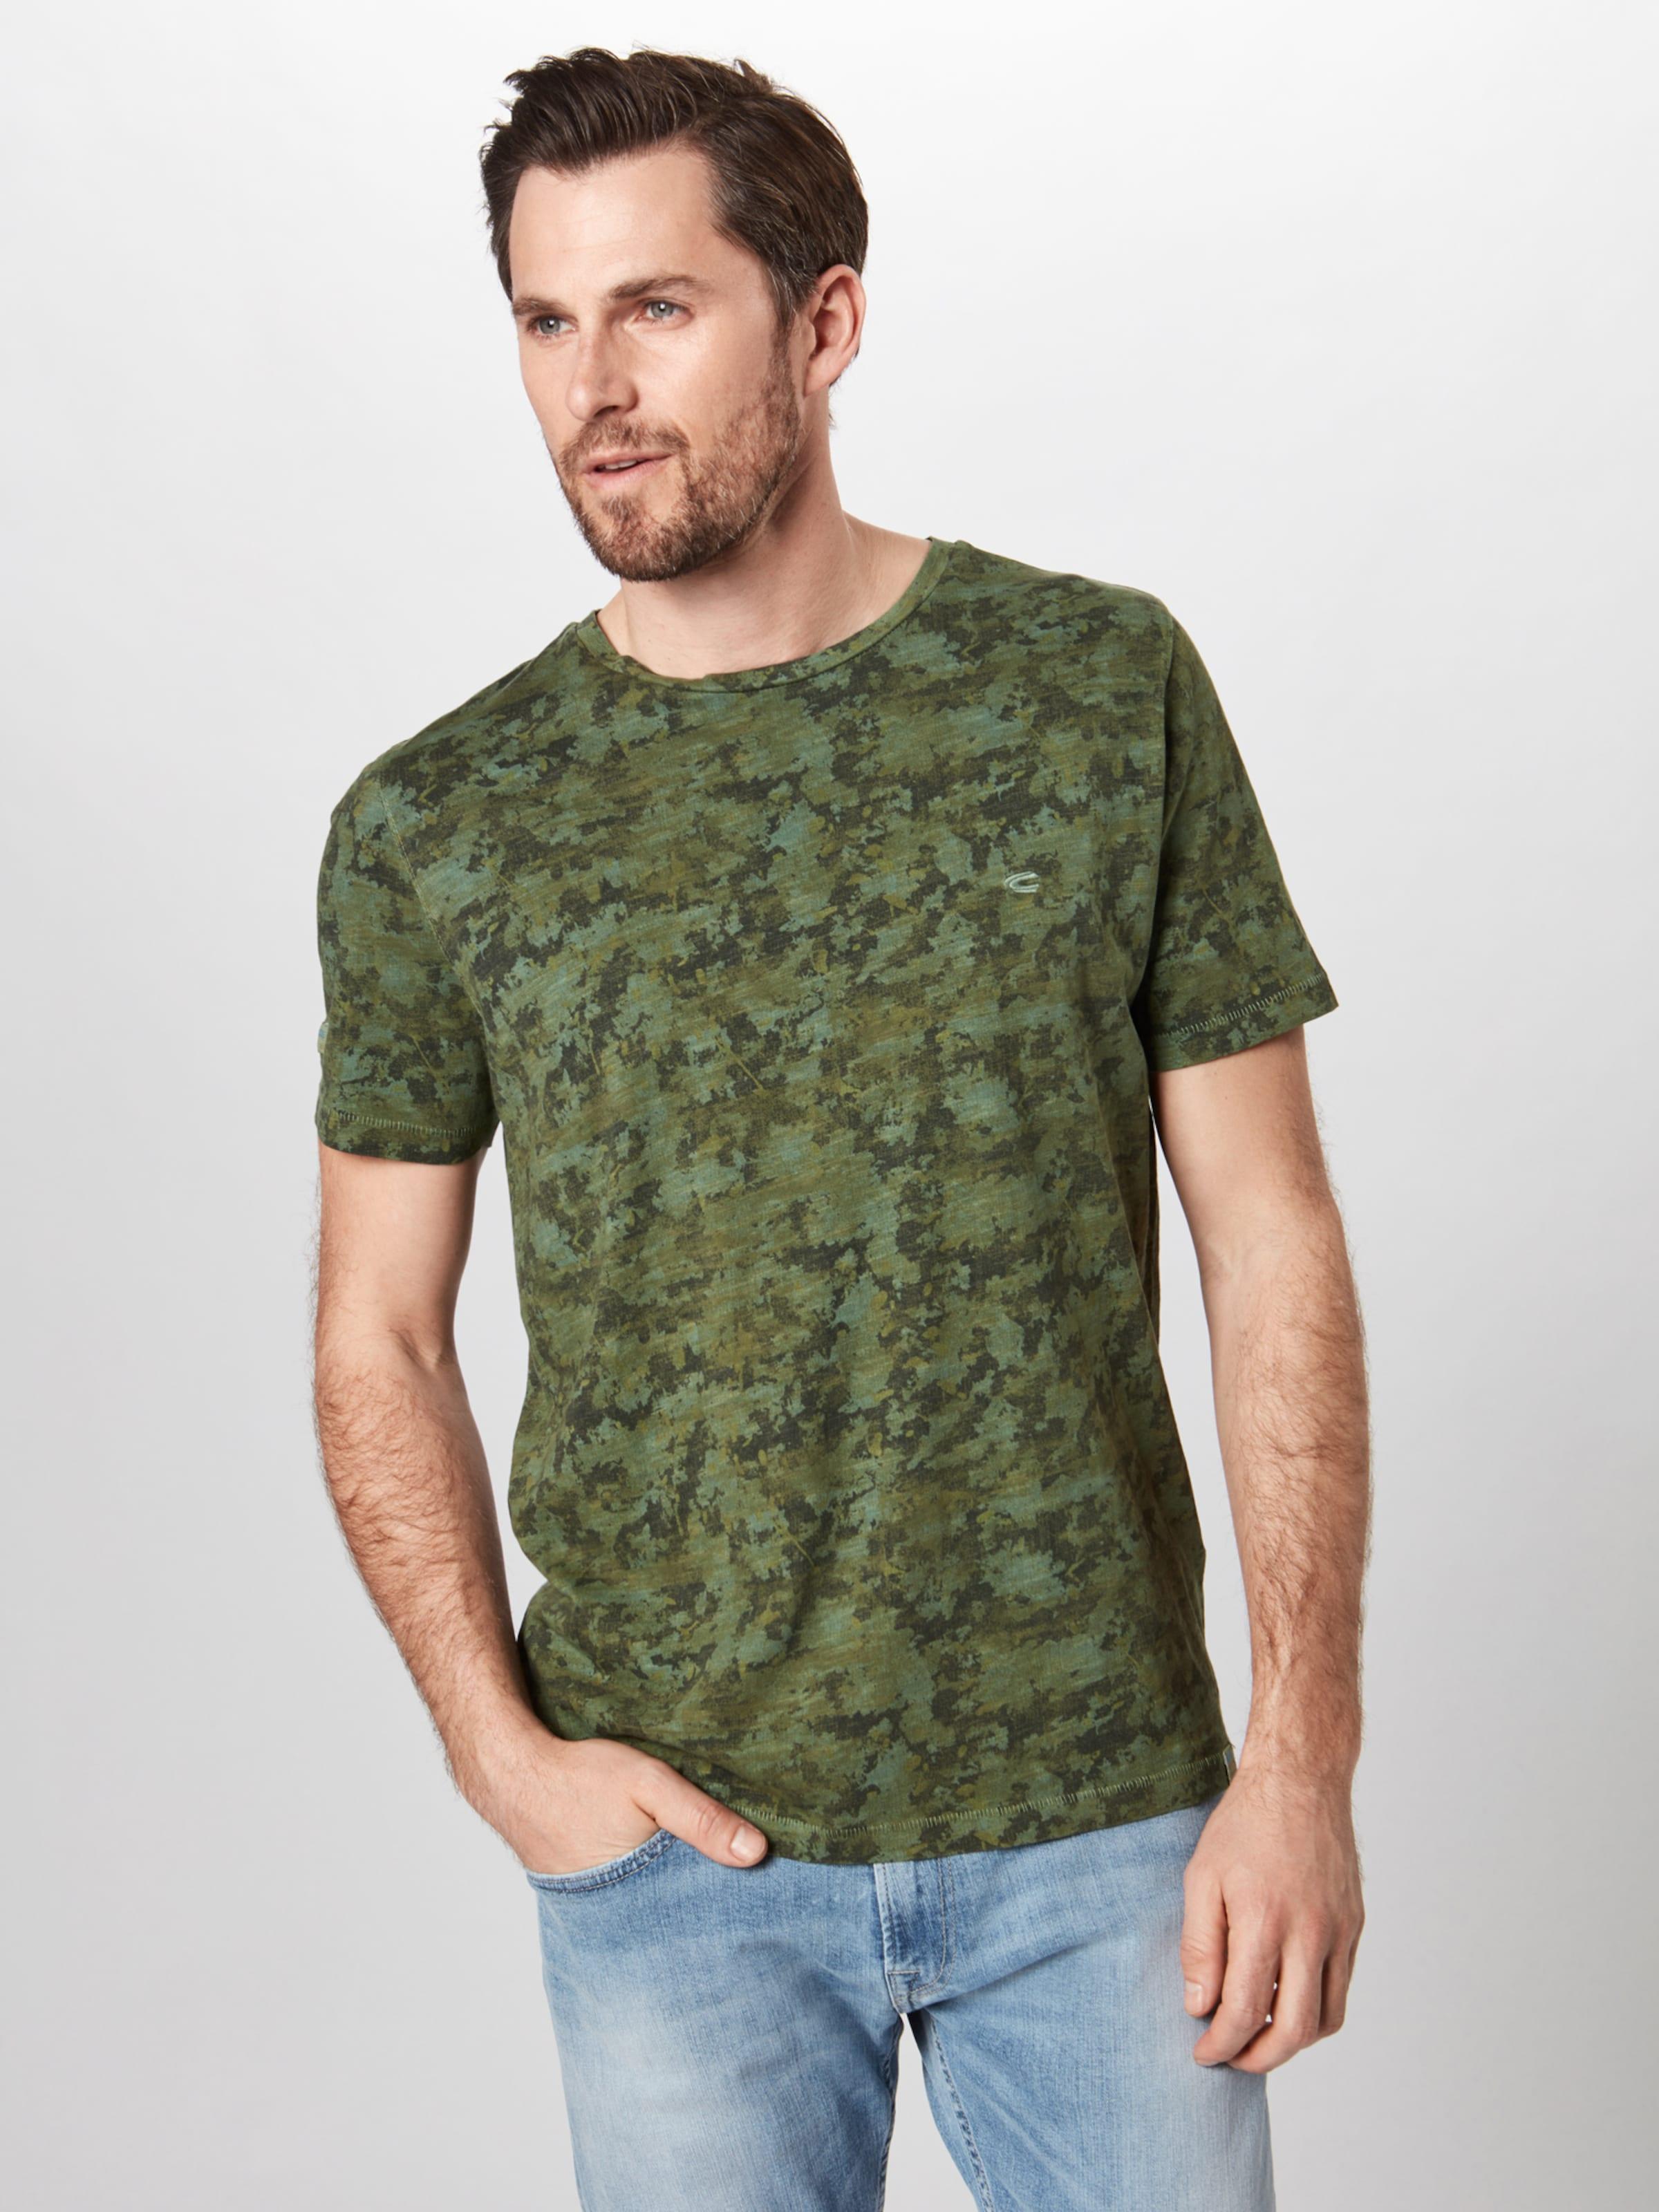 Active shirt OlivMischfarben Camel T In 354LARqj